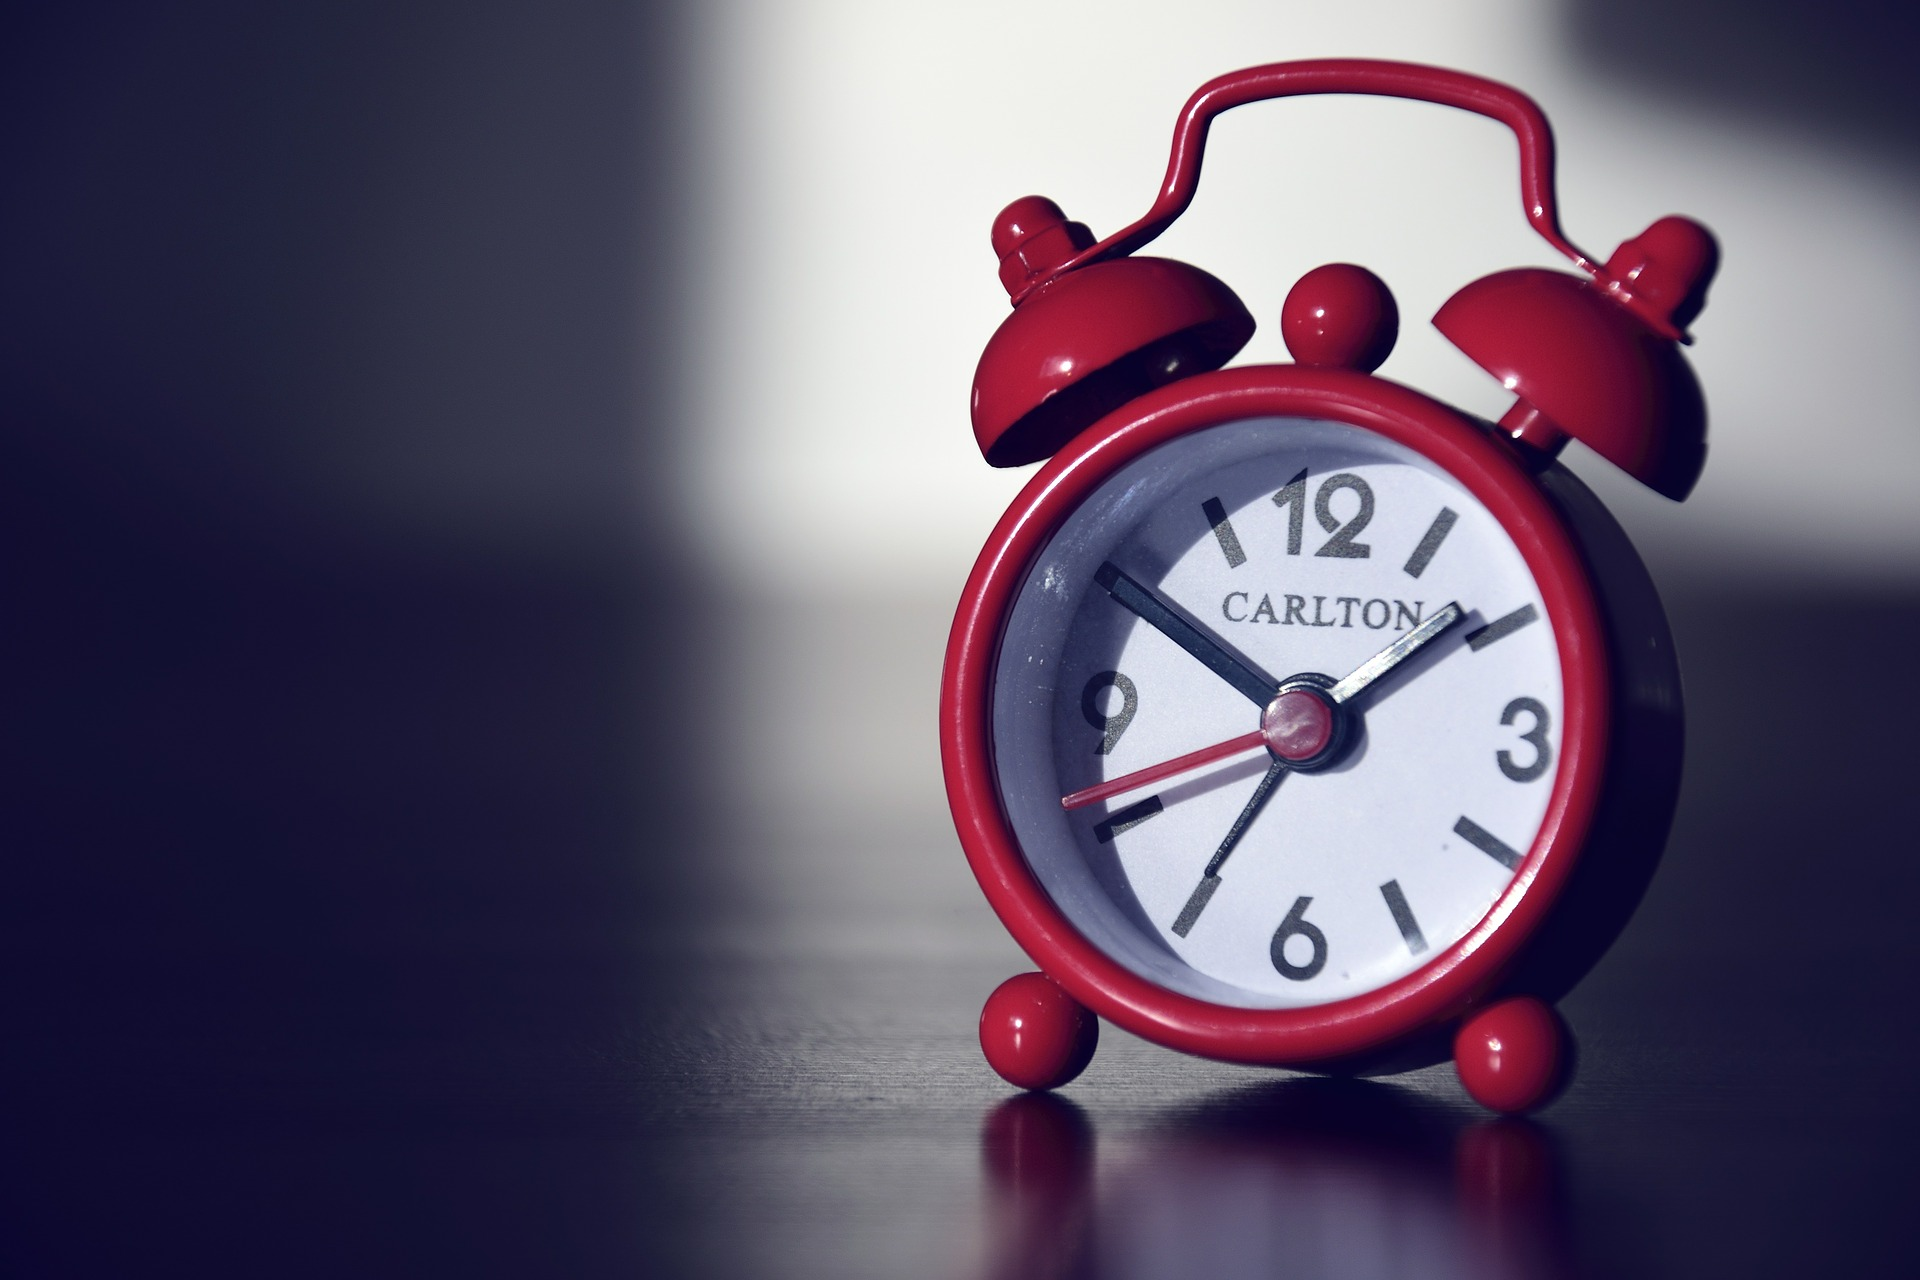 Ile czasu ma sprzedawca na naprawę lub wymianę towaru